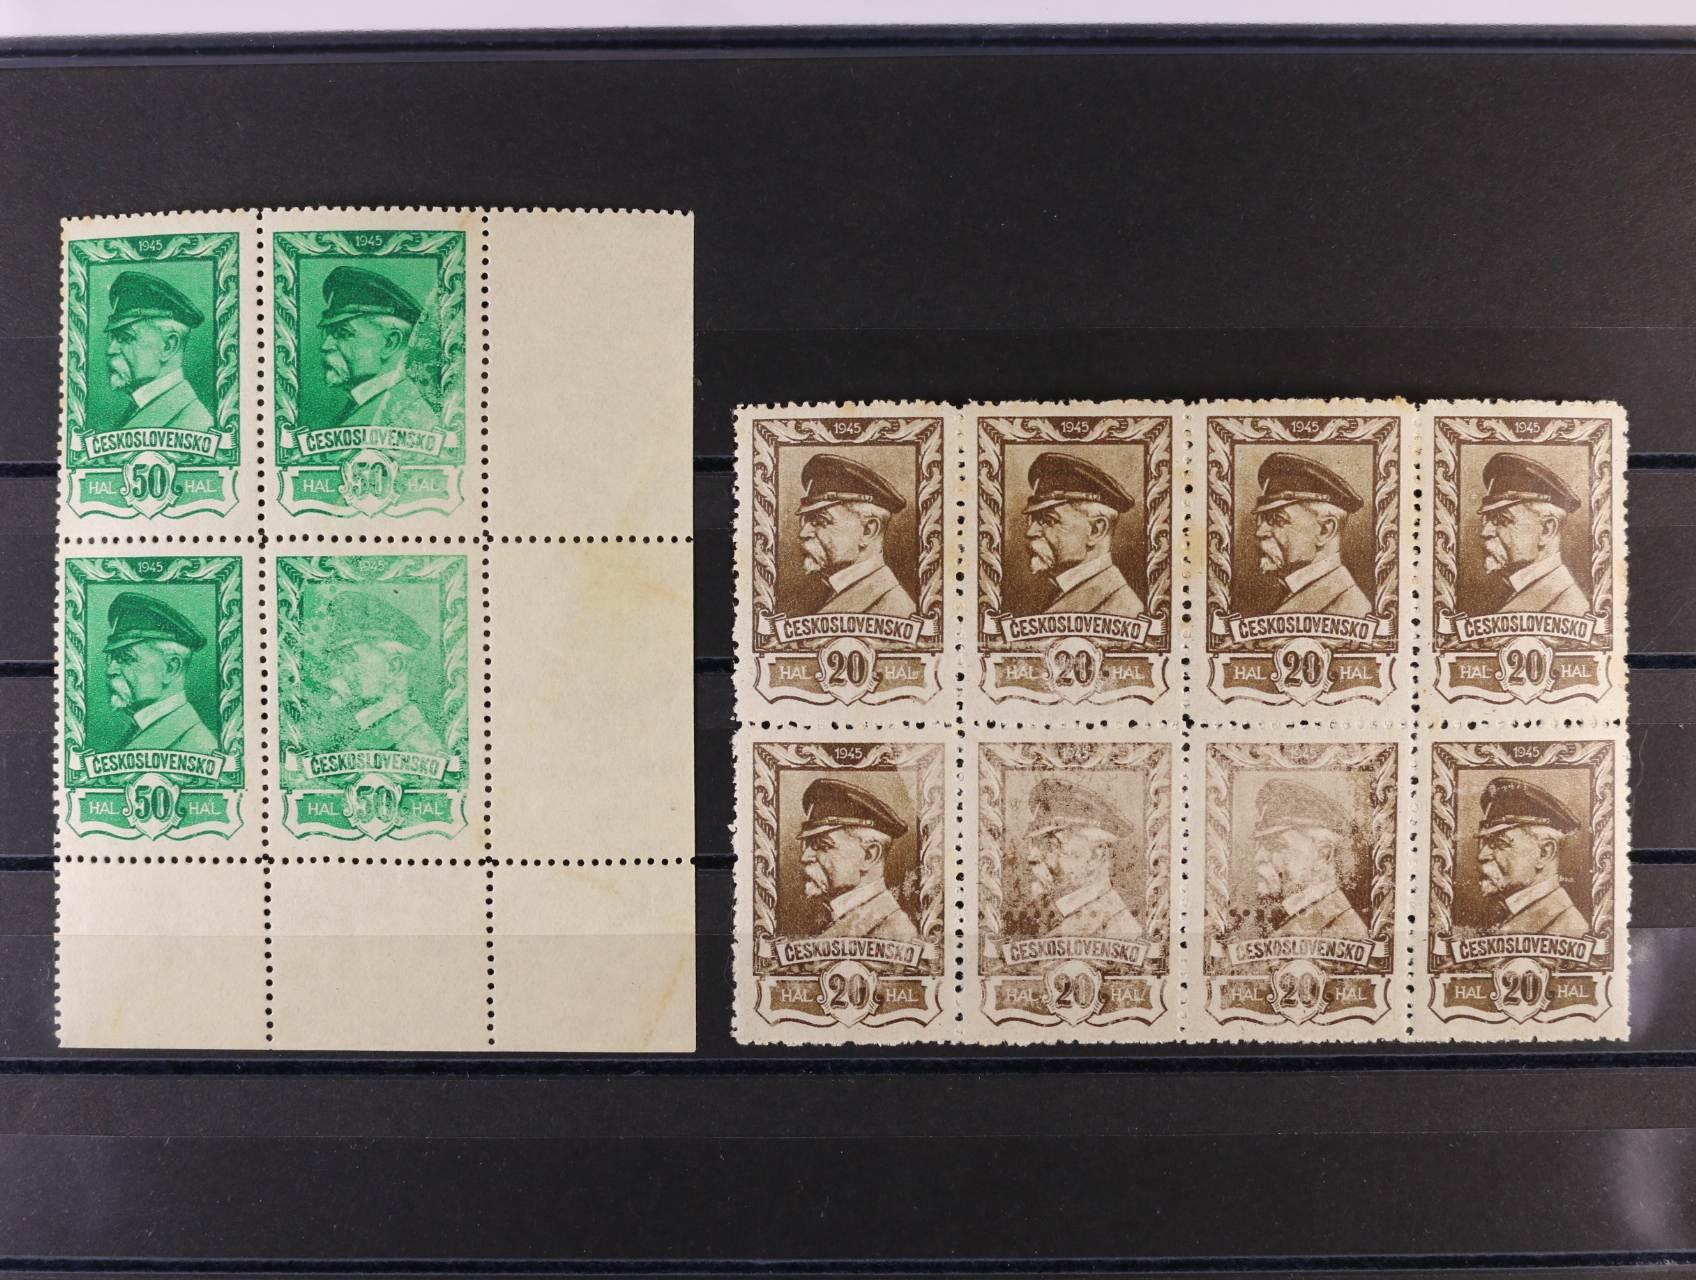 zn. č. 383 v 8mi-bloku s částečným nedotiskem barvy, zn. 384 - pravý spodní roh. čtyřblok se slabým tiskem na dvou zn., kvalita k prohlédnutí